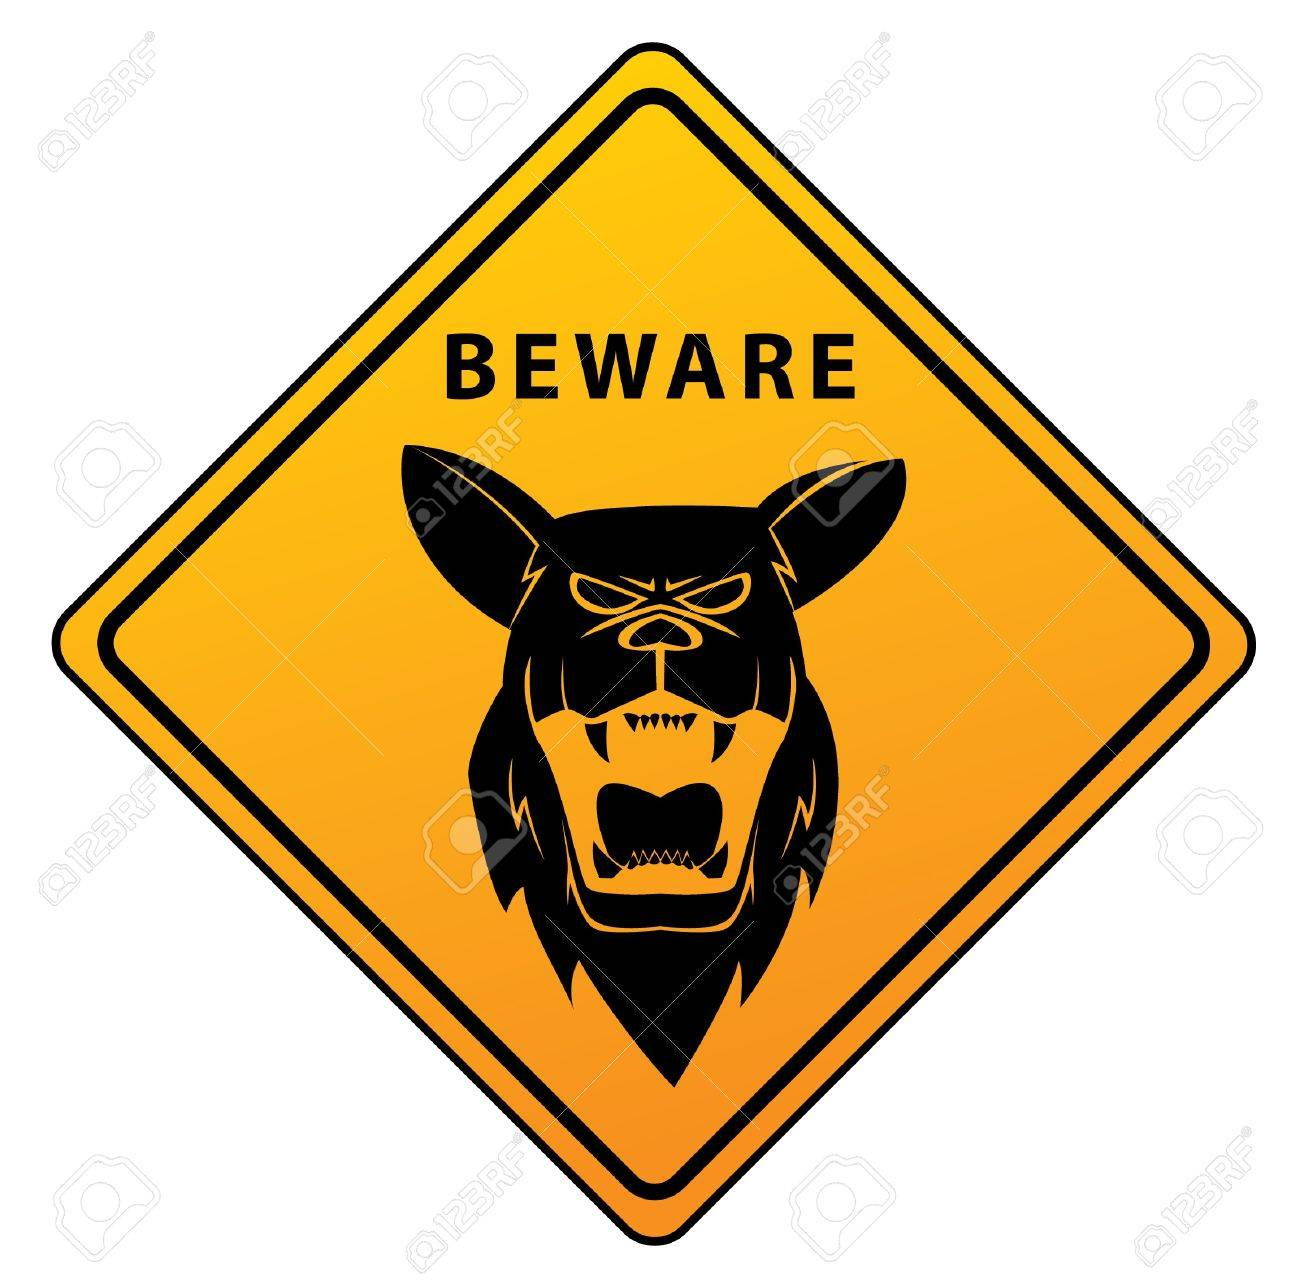 Beware Sign Shepherd Dog Stock Vector - 17444703